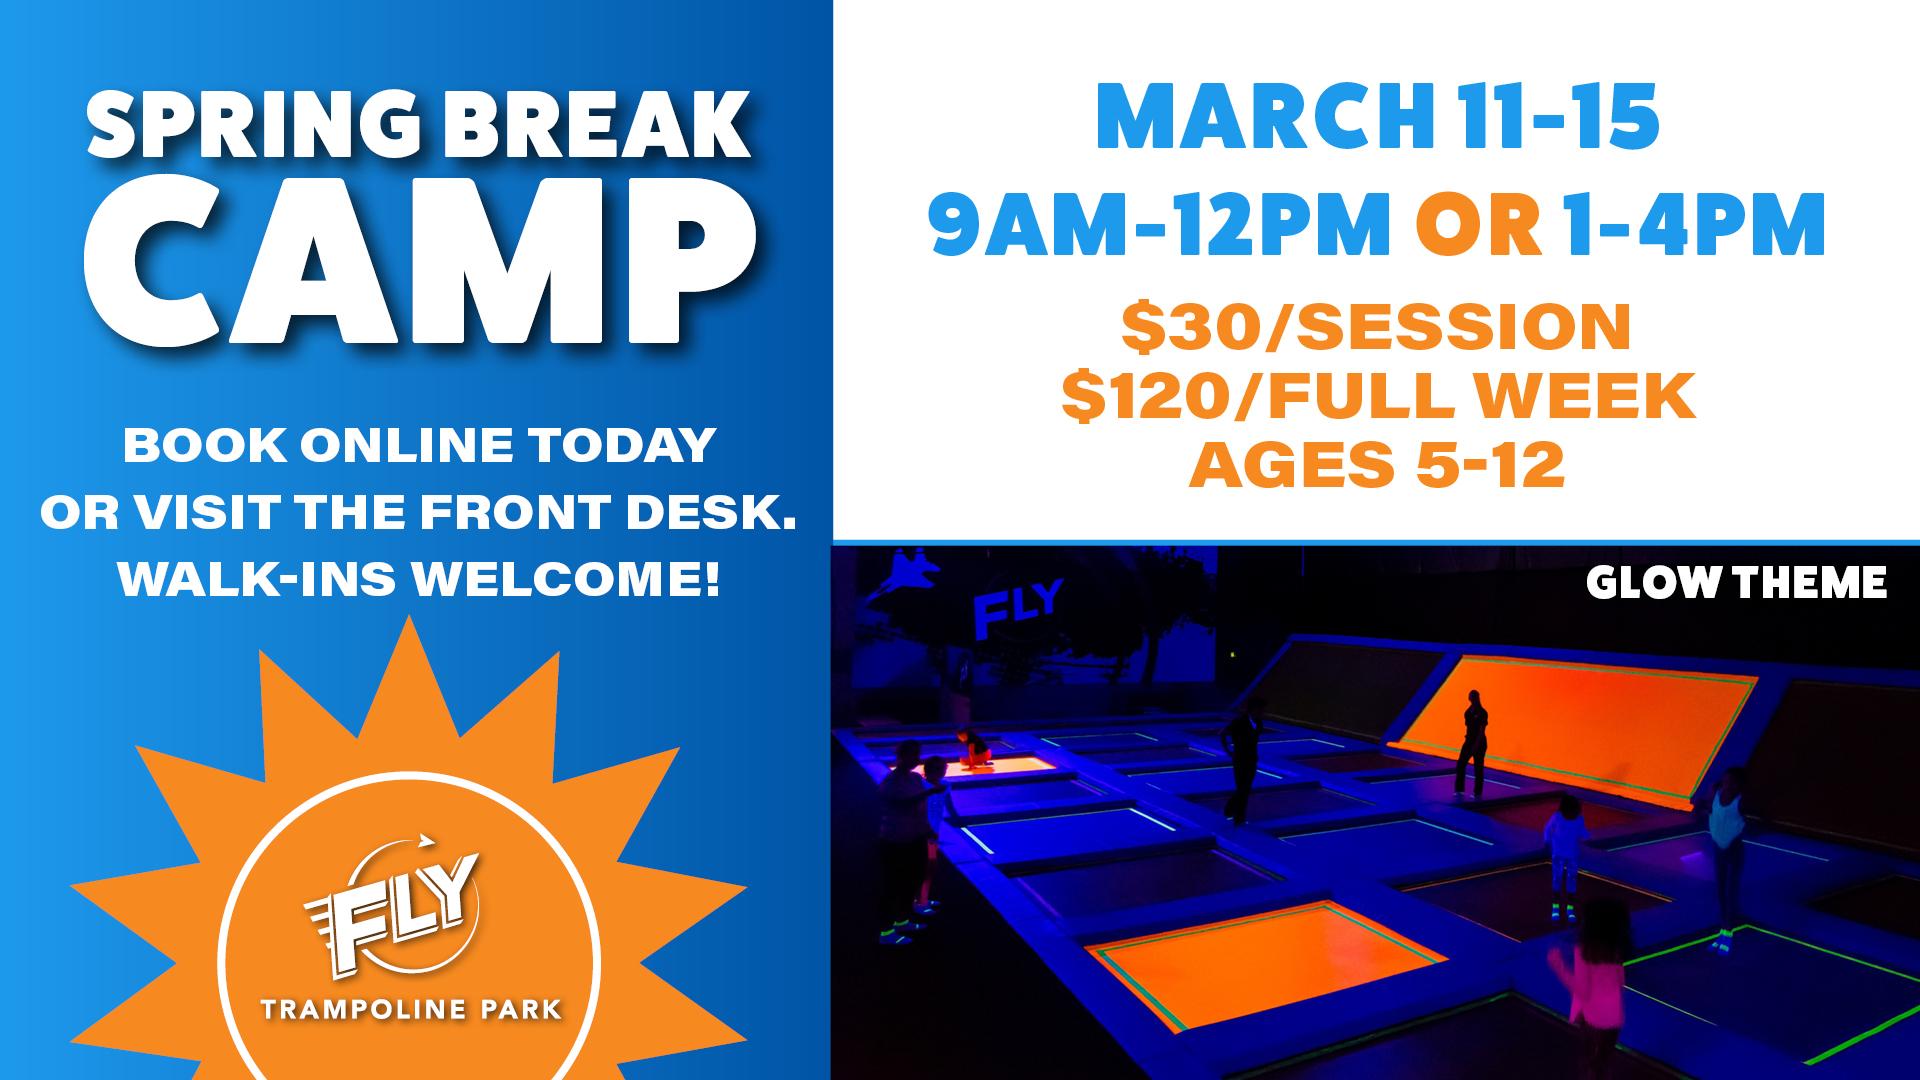 SPRING-BREAK-CAMP-fb-event